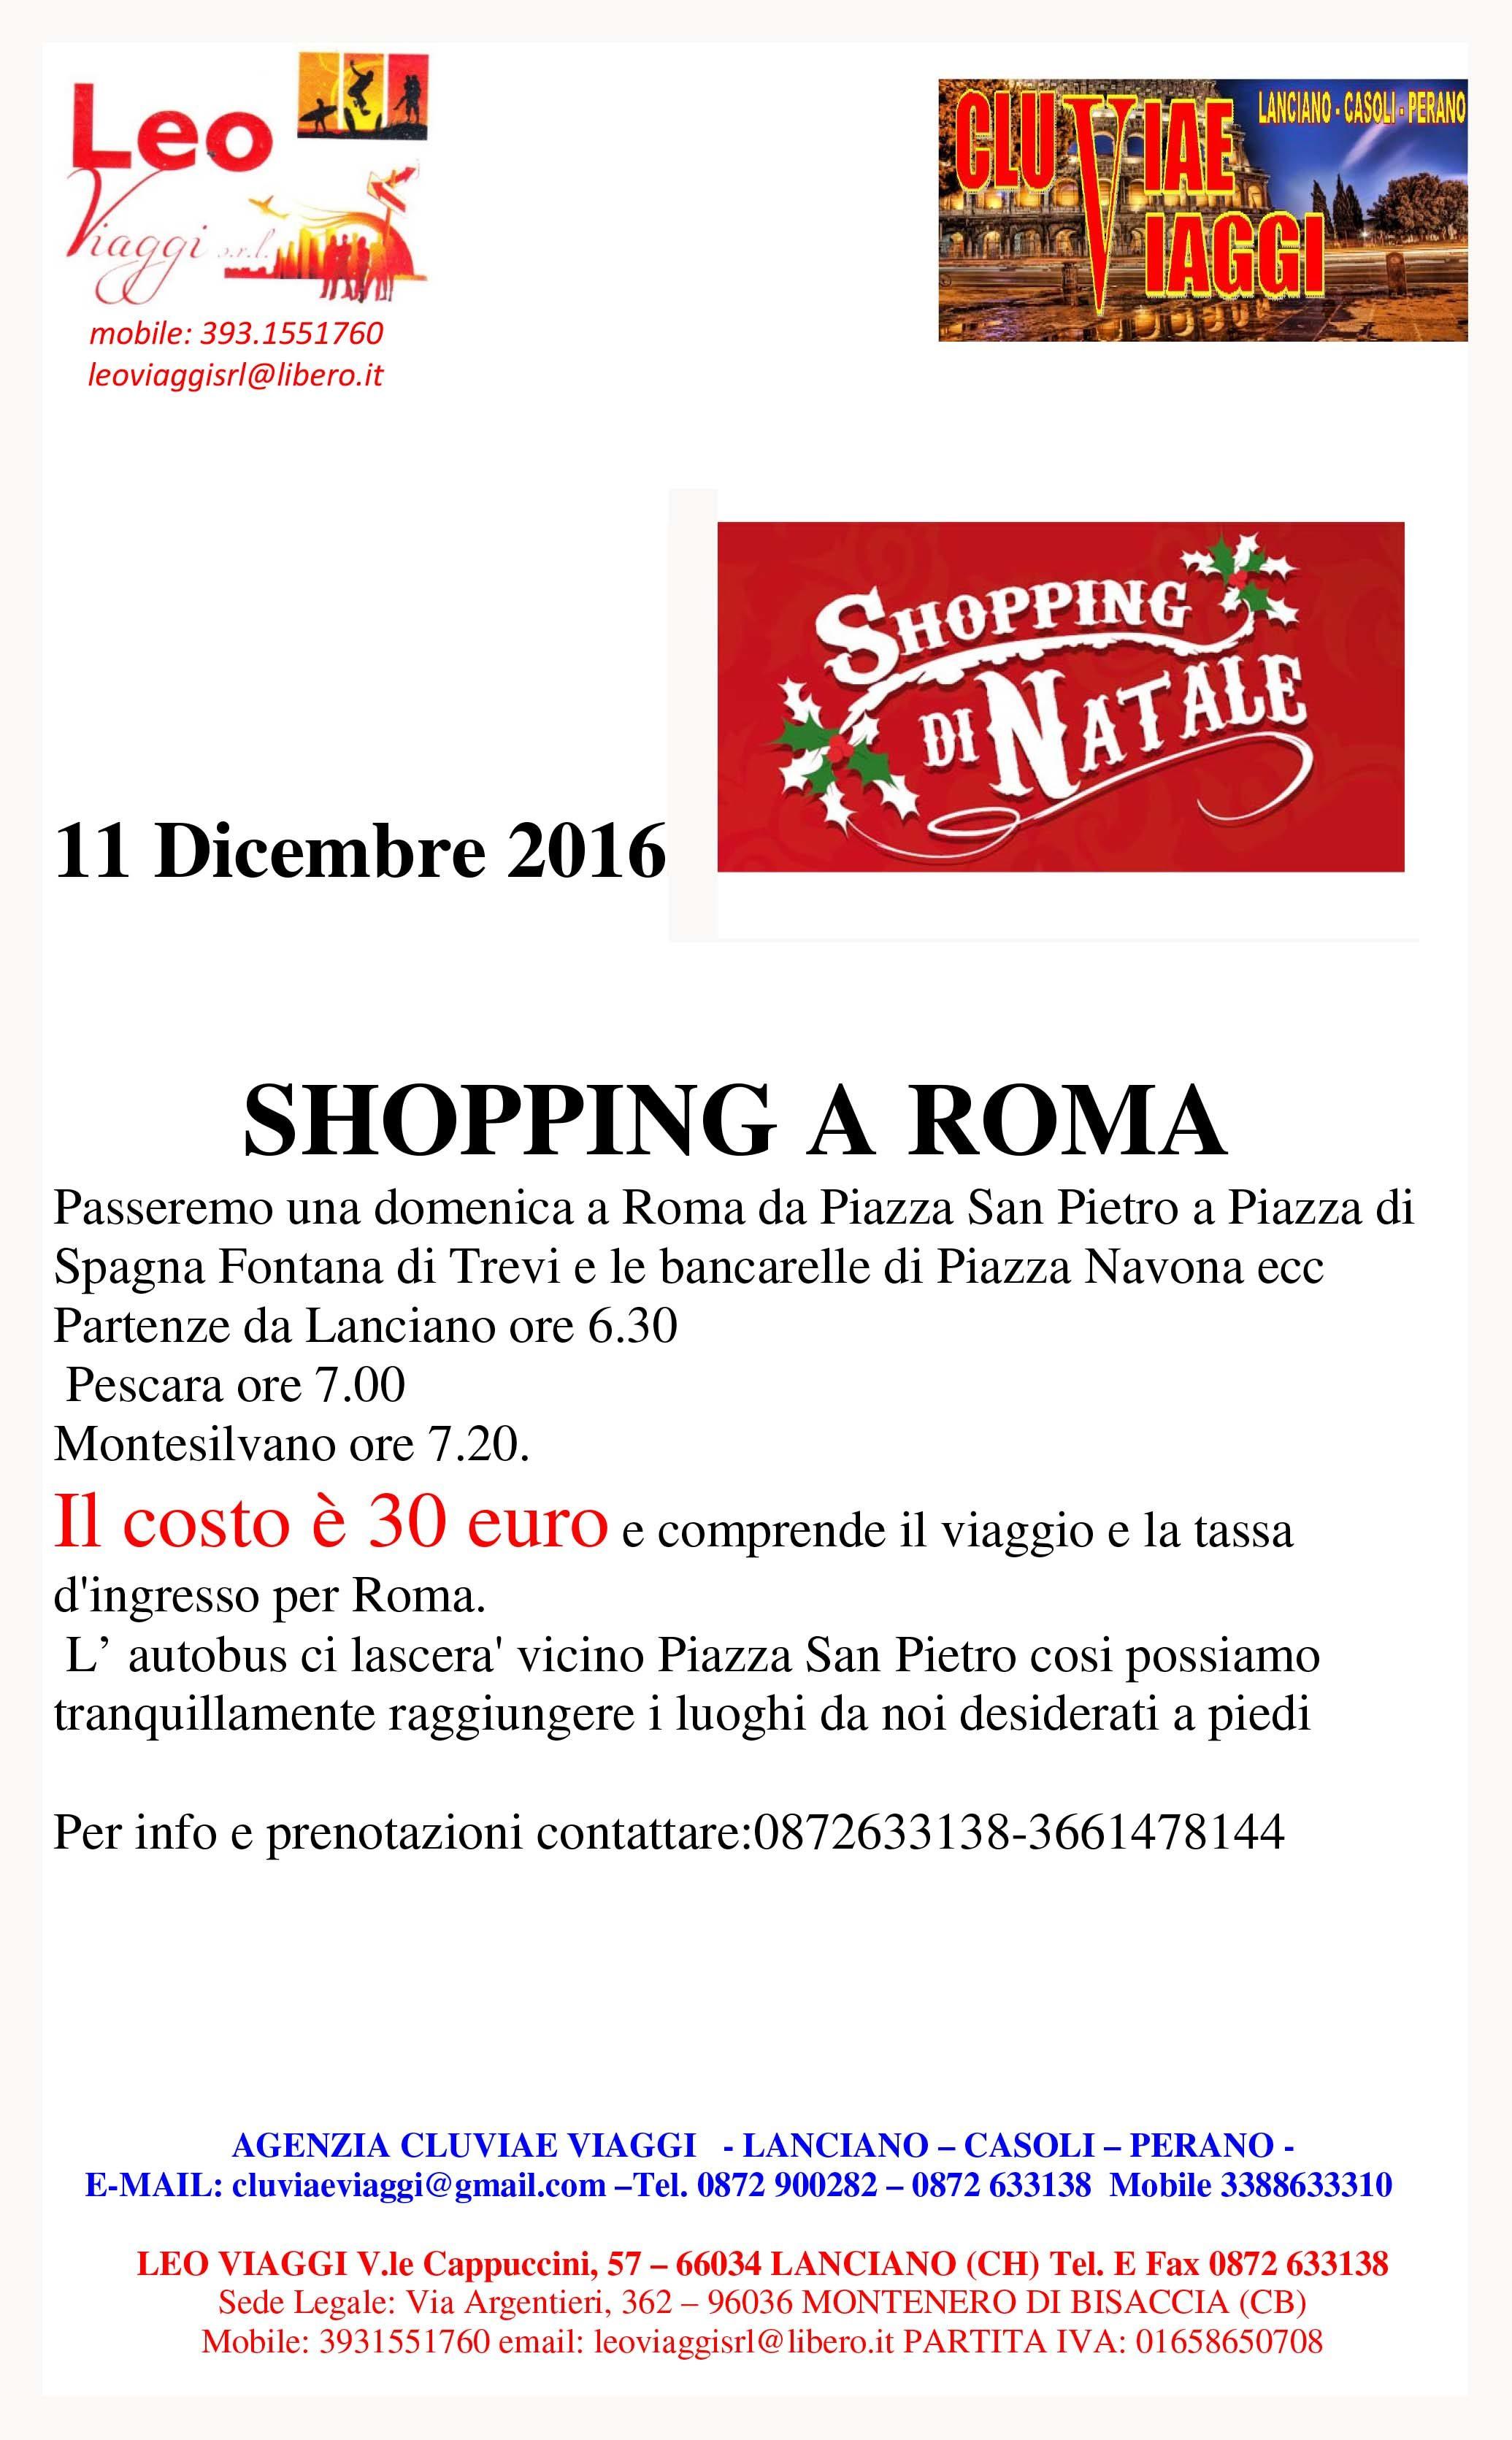 Immagini Natalizie Word.Microsoft Word Shopping Natalizio A Roma 11 Dicembre 2016 Leo